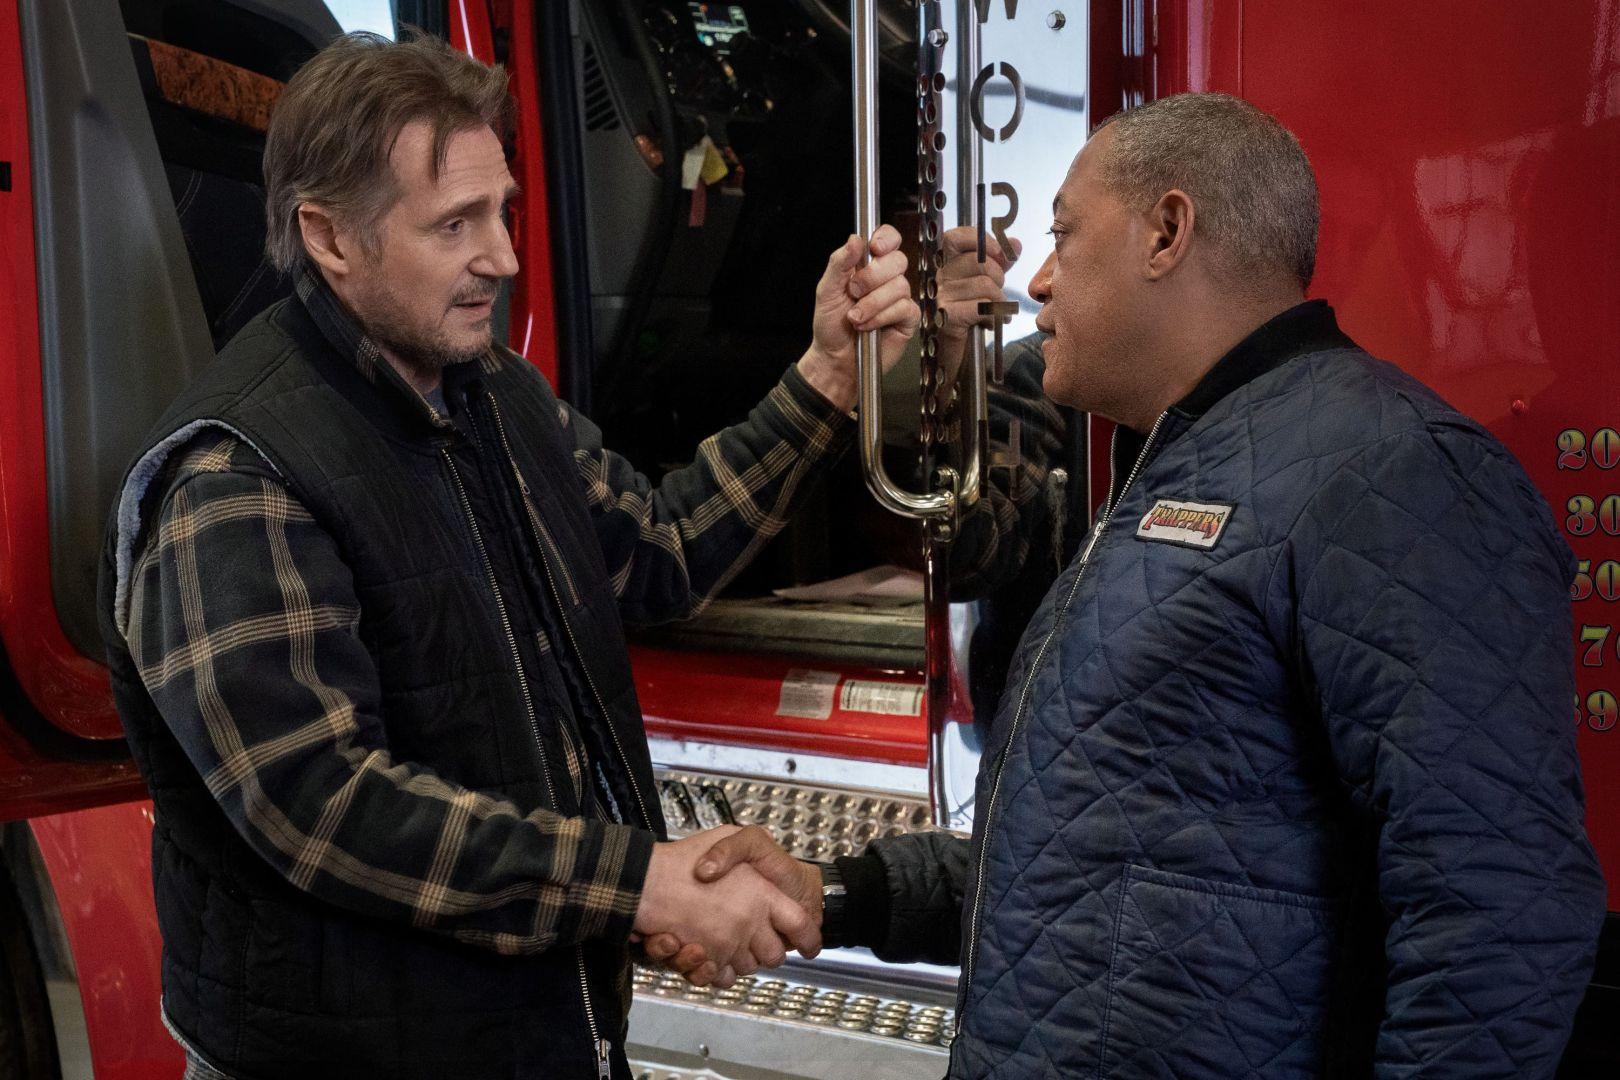 「地表最强老爸」连恩尼逊与最强绿叶演员劳伦斯费许朋联手组成紧急救难队